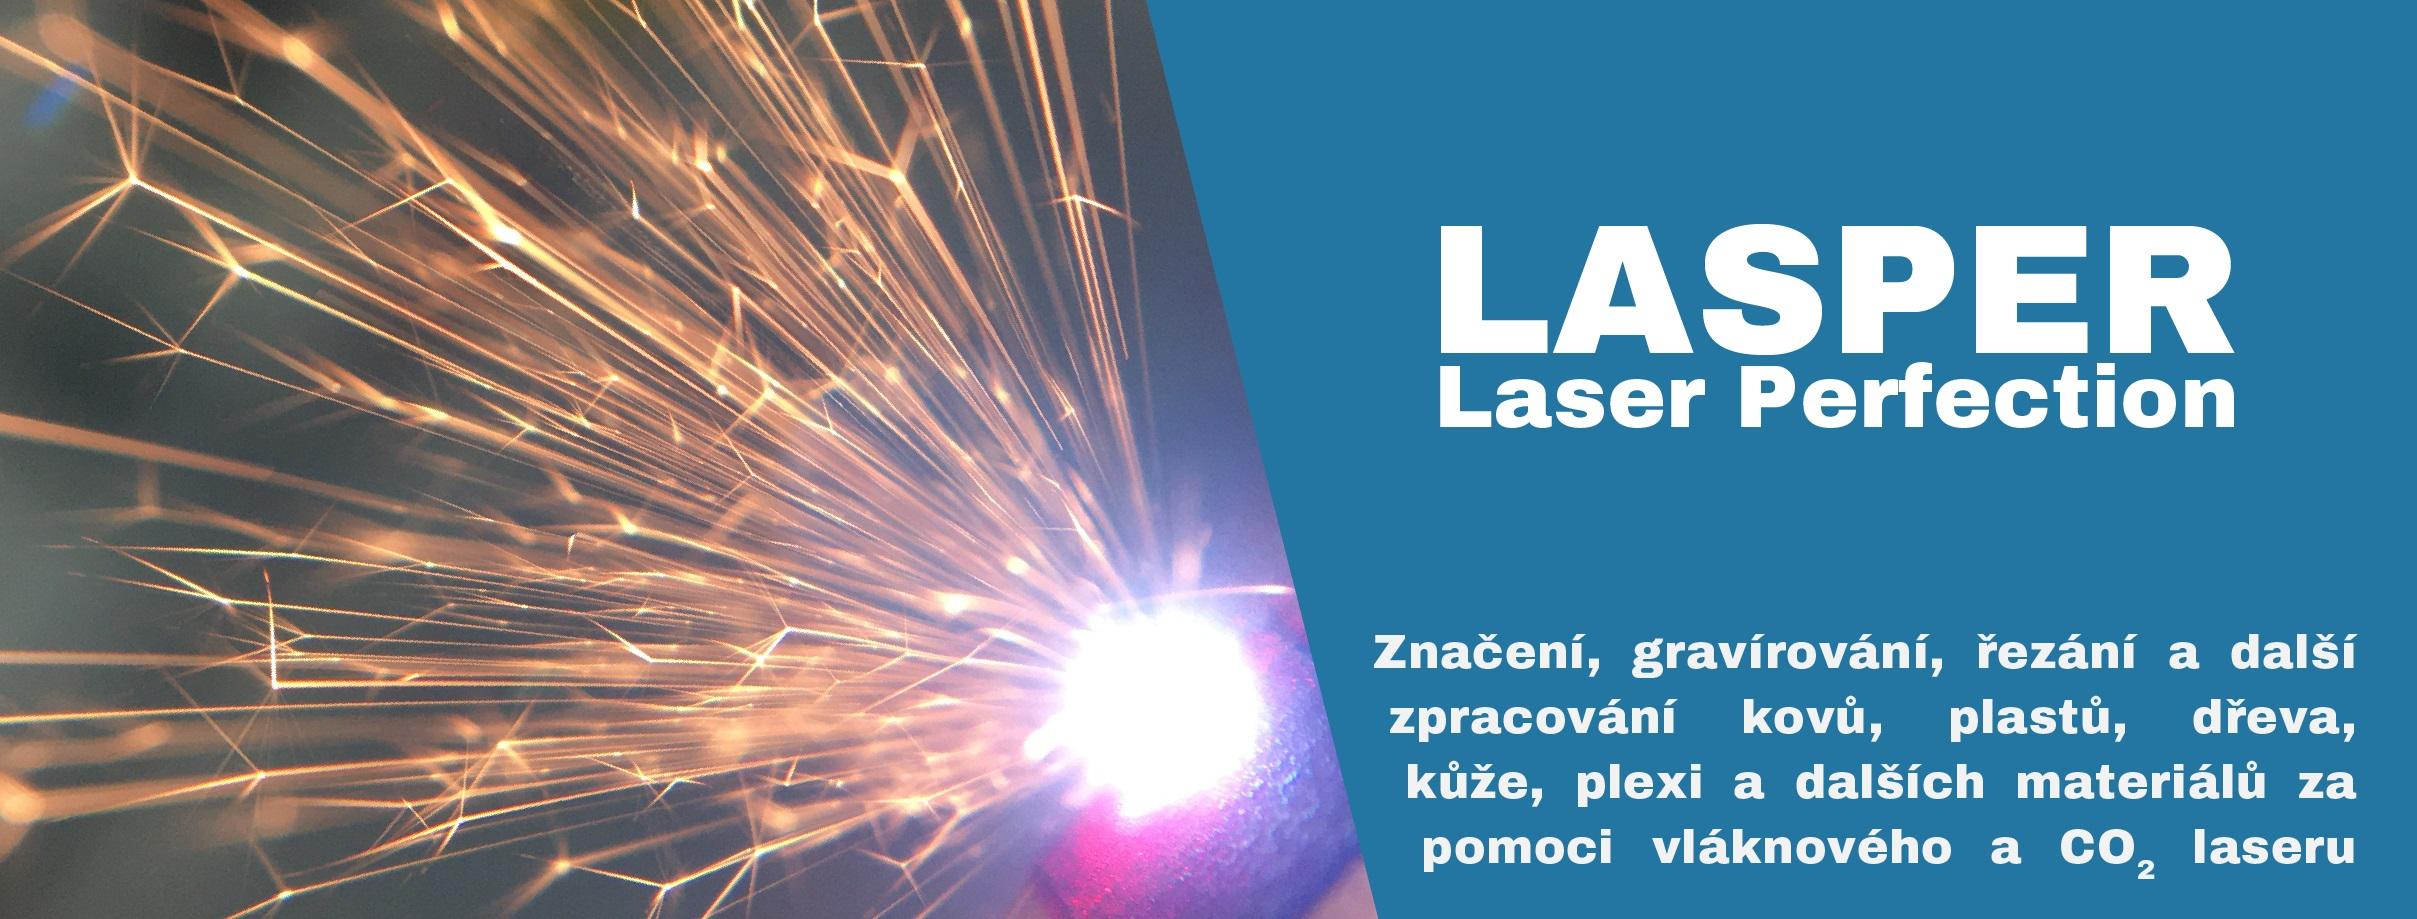 Vítejte na webu Lasper - Laser Perfection